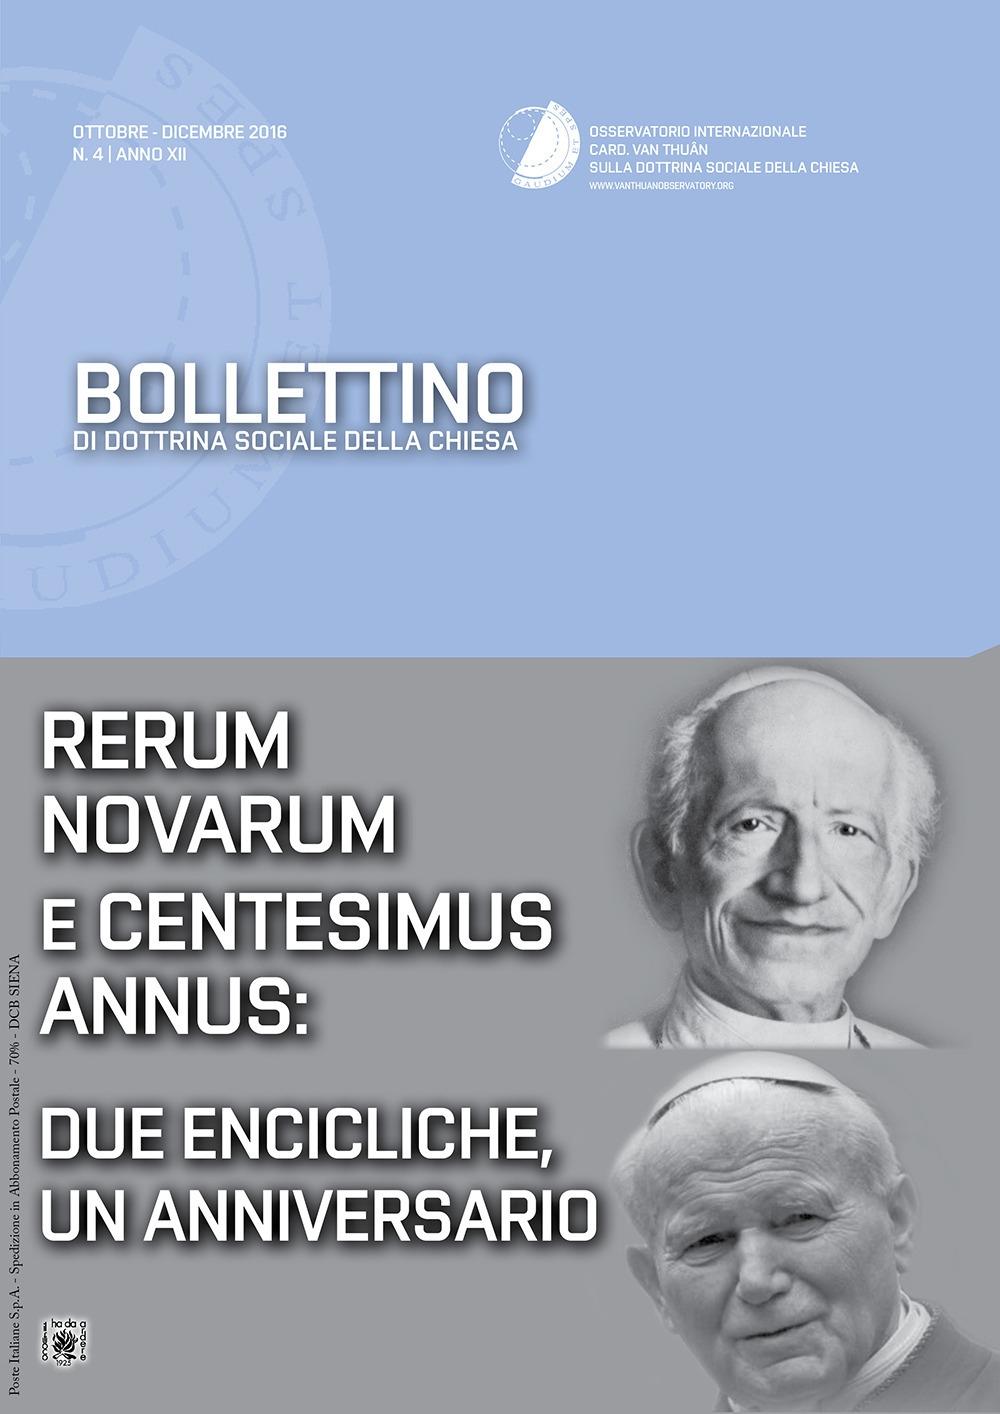 Bollettino di dottrina sociale della chiesa (2016). Vol. 4: Rerum novarum e centesimus annus: due encicliche, un anniversario